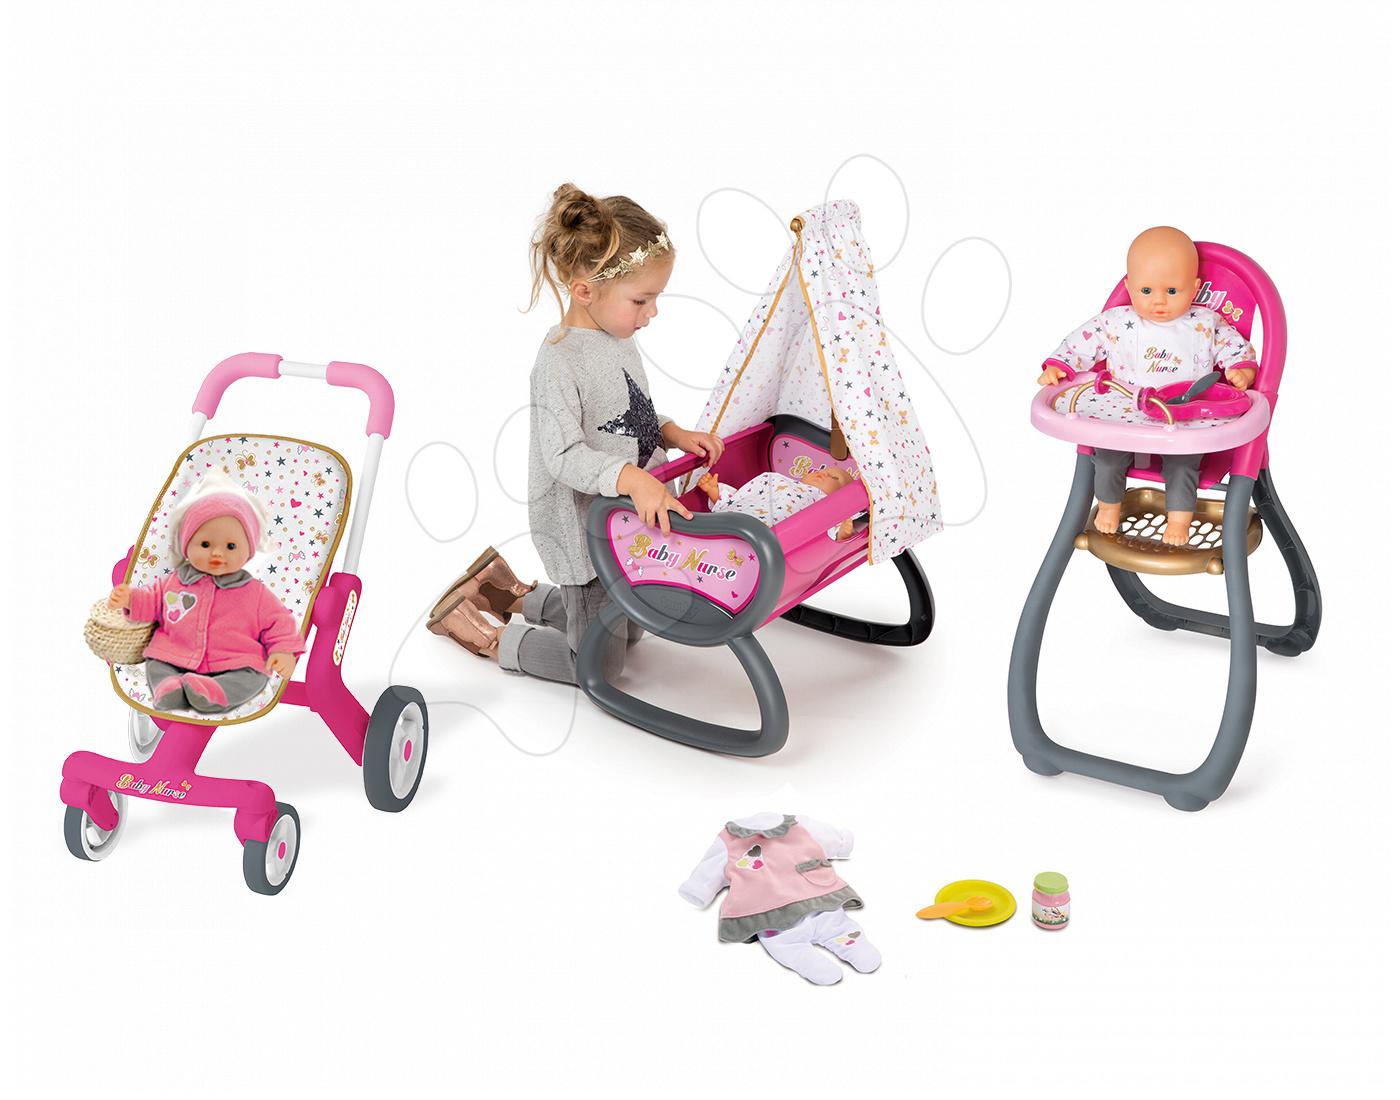 Set panenka Baby Nurse Smoby 32 cm, jídelní židle, kolébka s baldachýnem a kočárek pro panenku (53,5 cm ručka) od 2 let